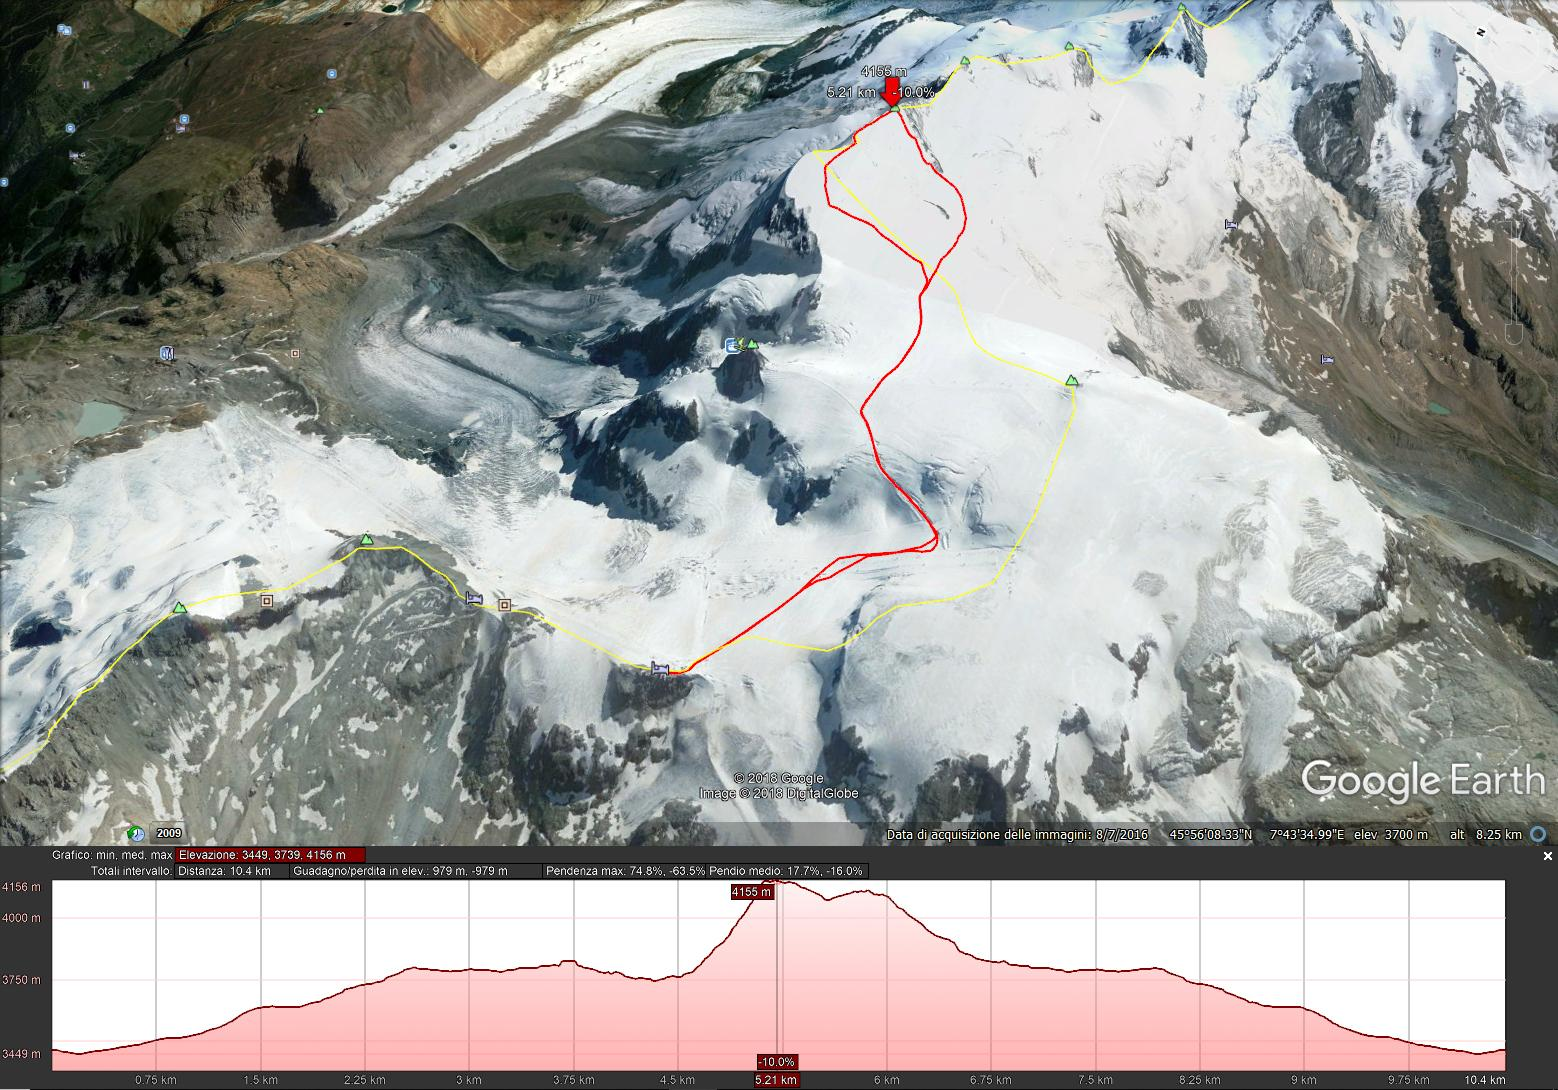 Mappa del nostro percorso. Dal Plateau Rosa alla cima del Breithorn Centrale